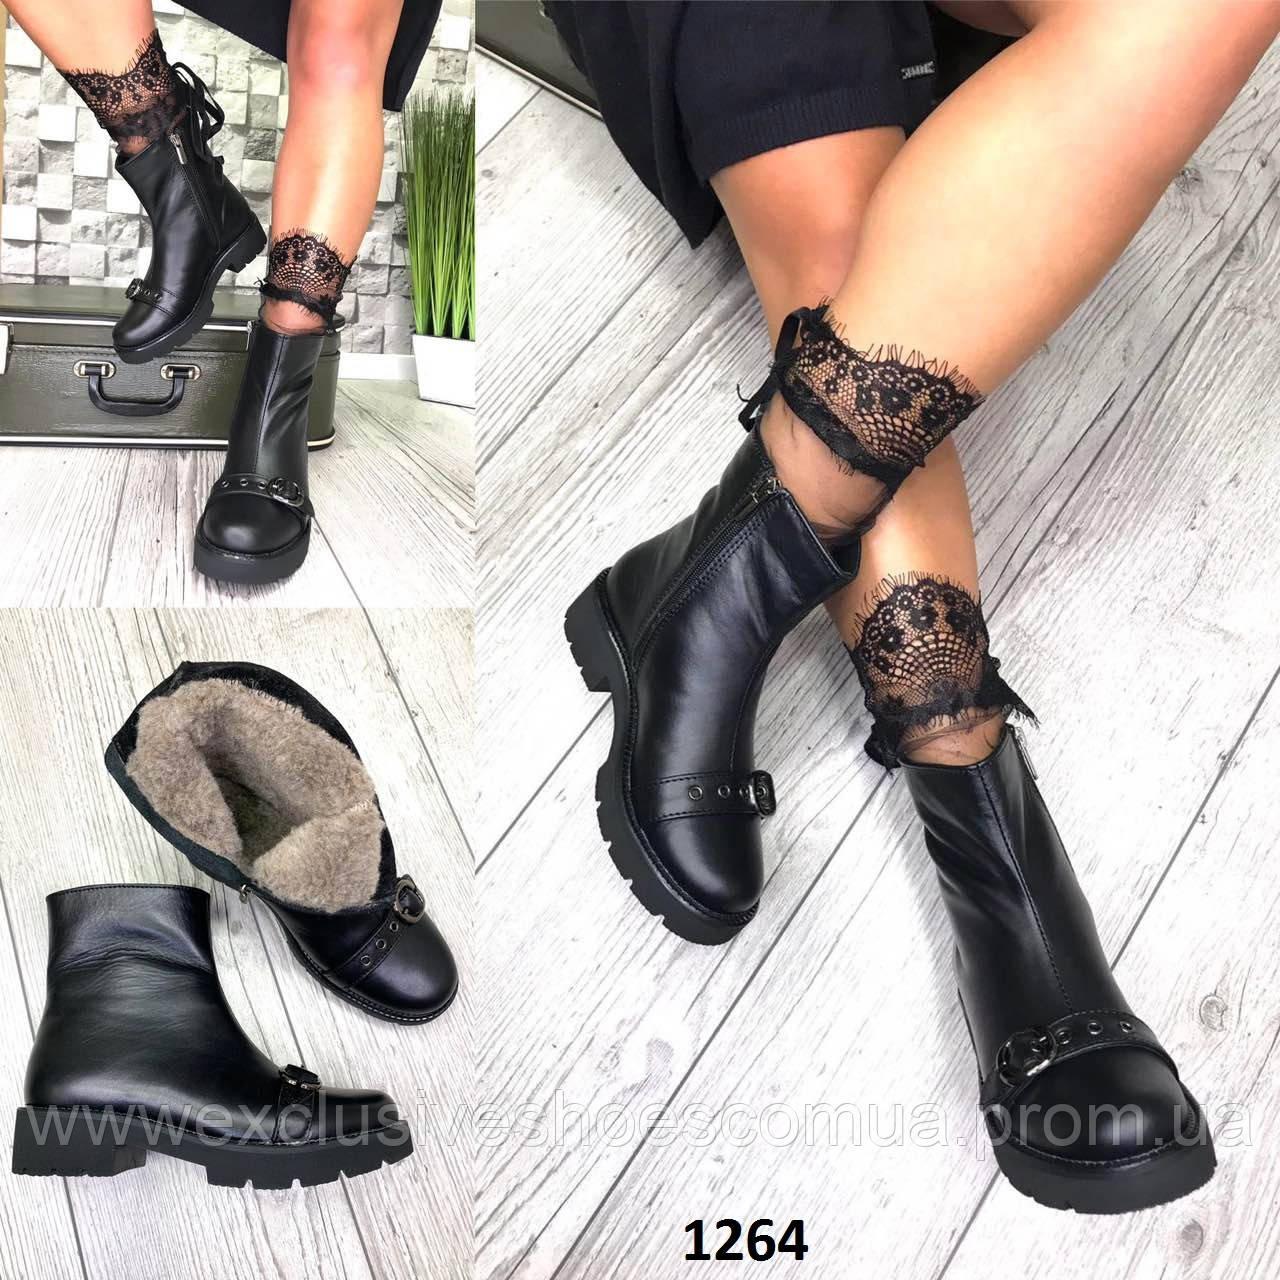 Ботинки женские зимние кожаные черные с пряжкой